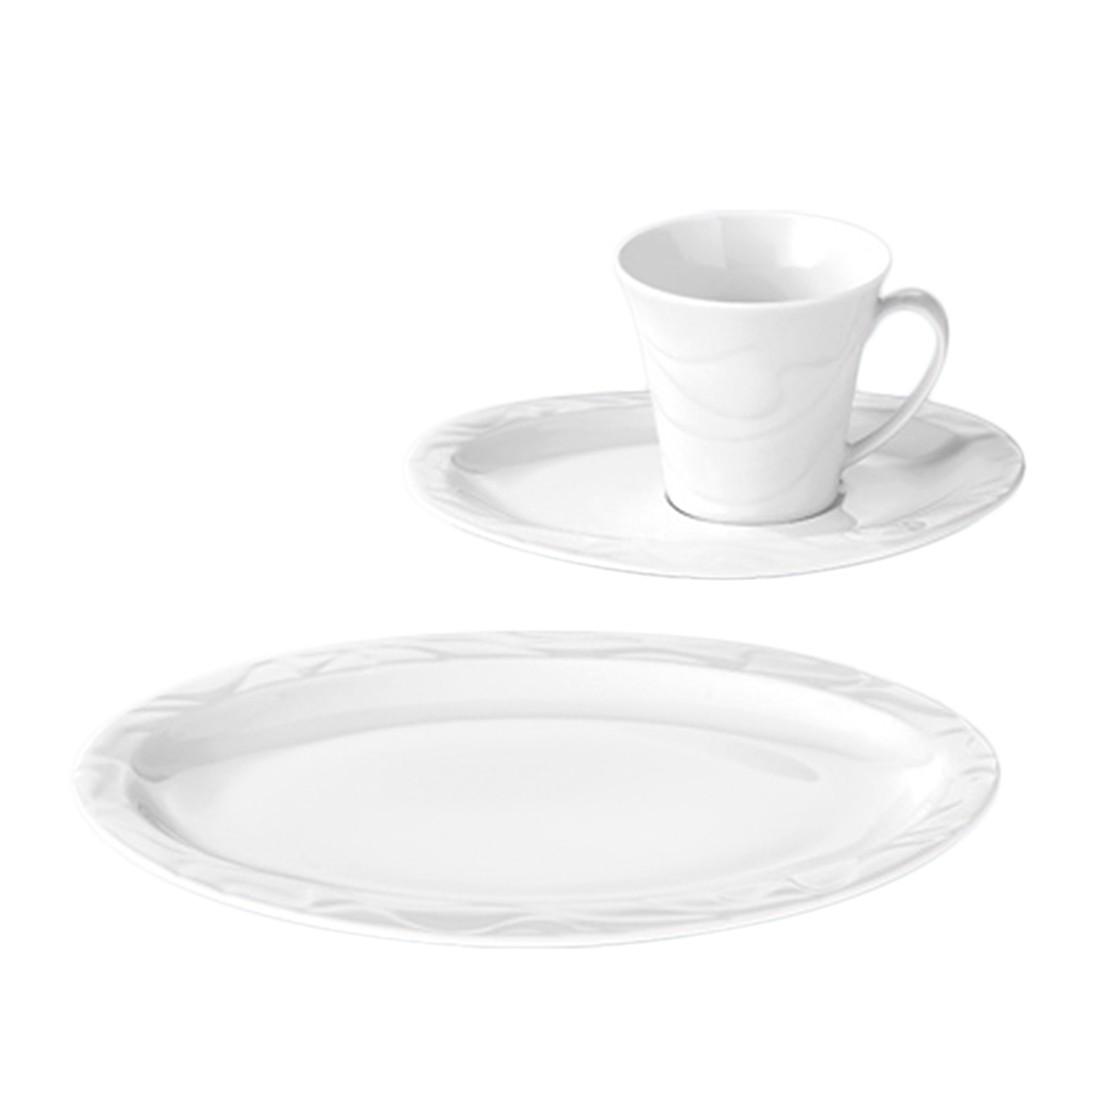 Kaffeeservice Allegro (18-teilig), Seltmann Weiden jetzt kaufen